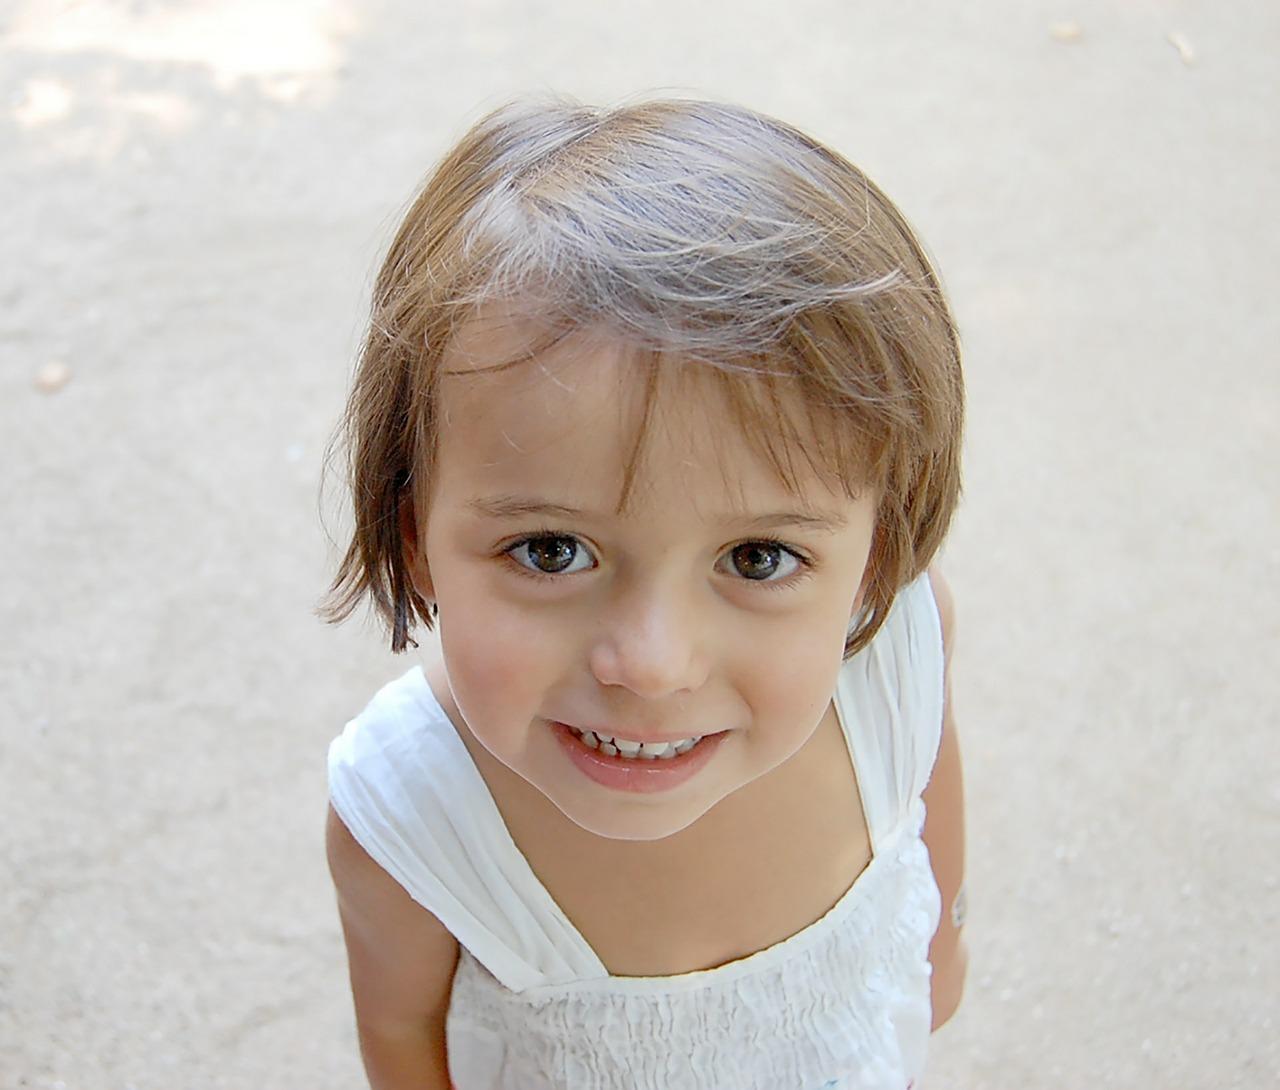 どうしよう!一歳半の子供に虫歯が!原因は母乳?治療で治る?